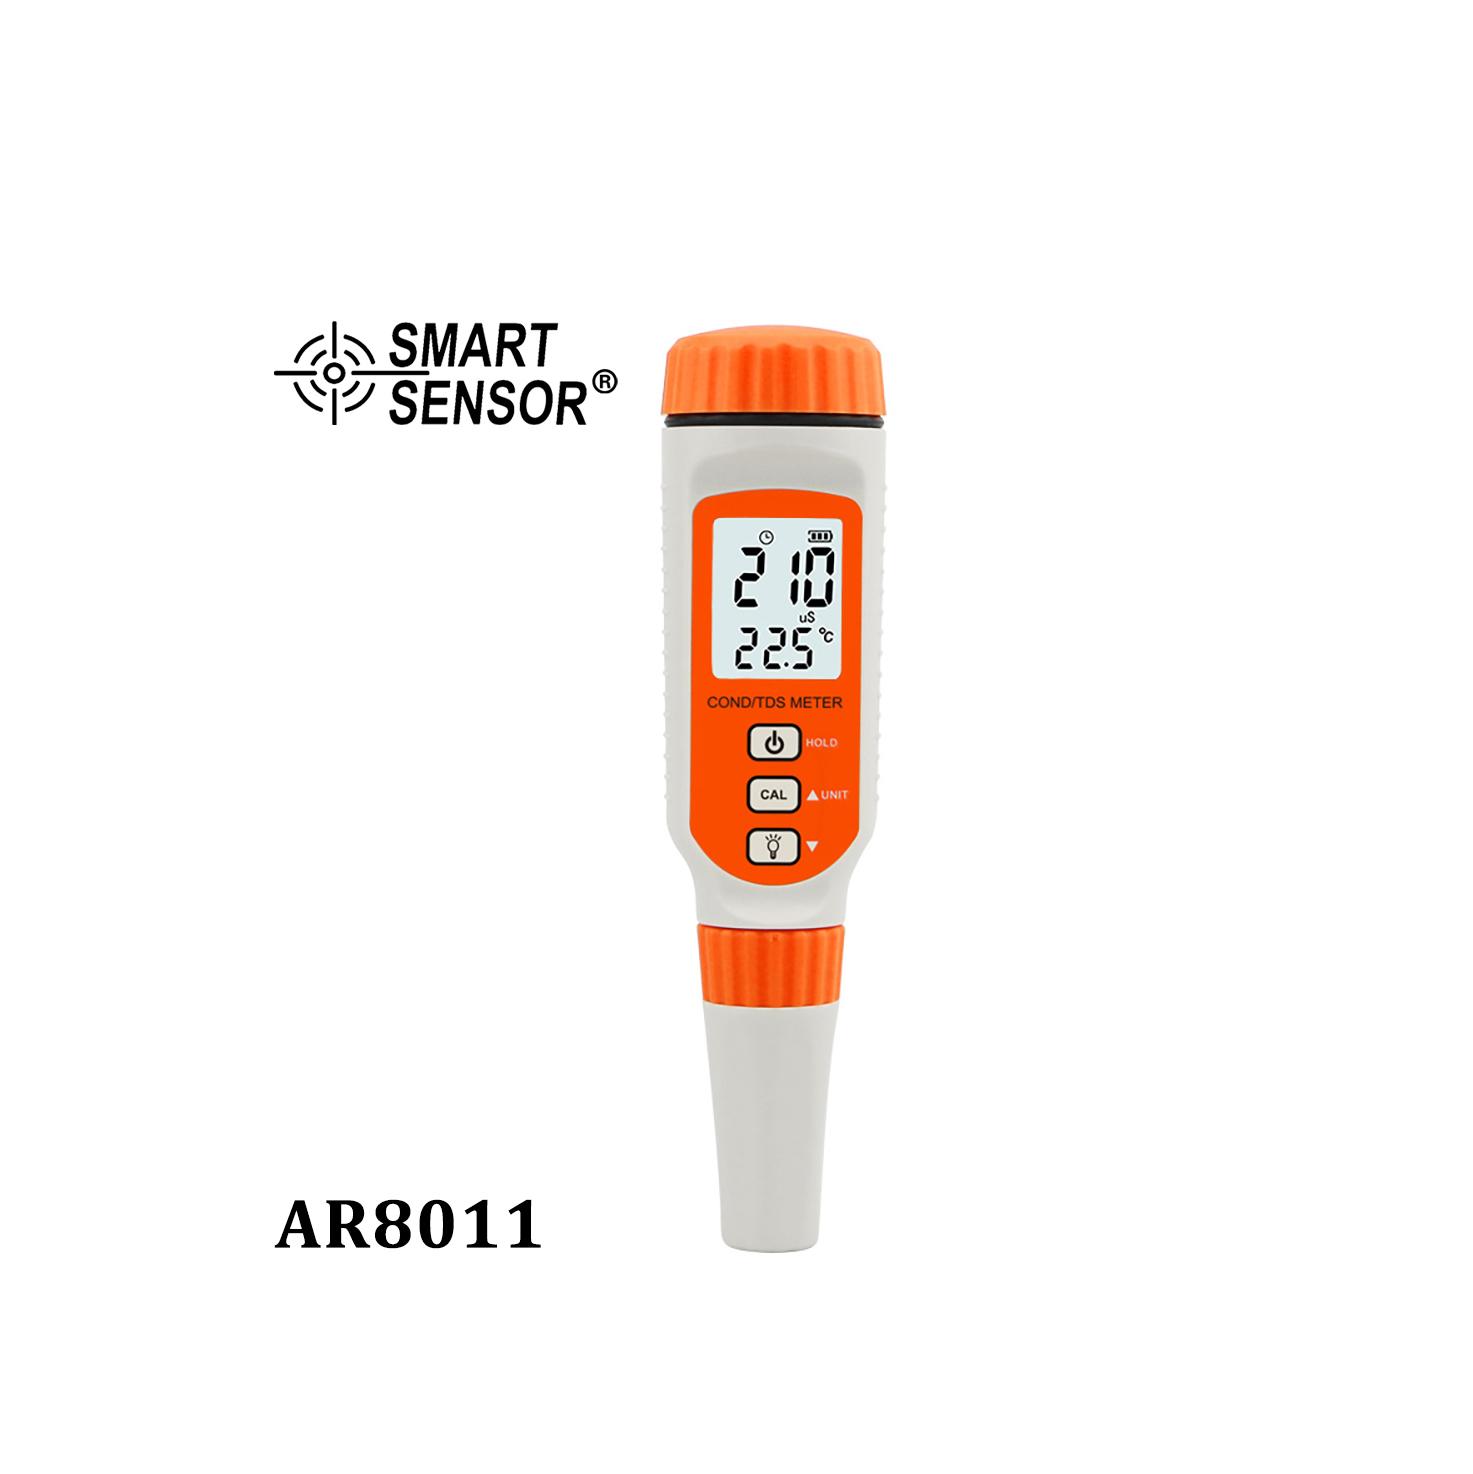 Ψηφιακός Μετρητής Ποιότητας Νερού SMART SENSOR AR8011